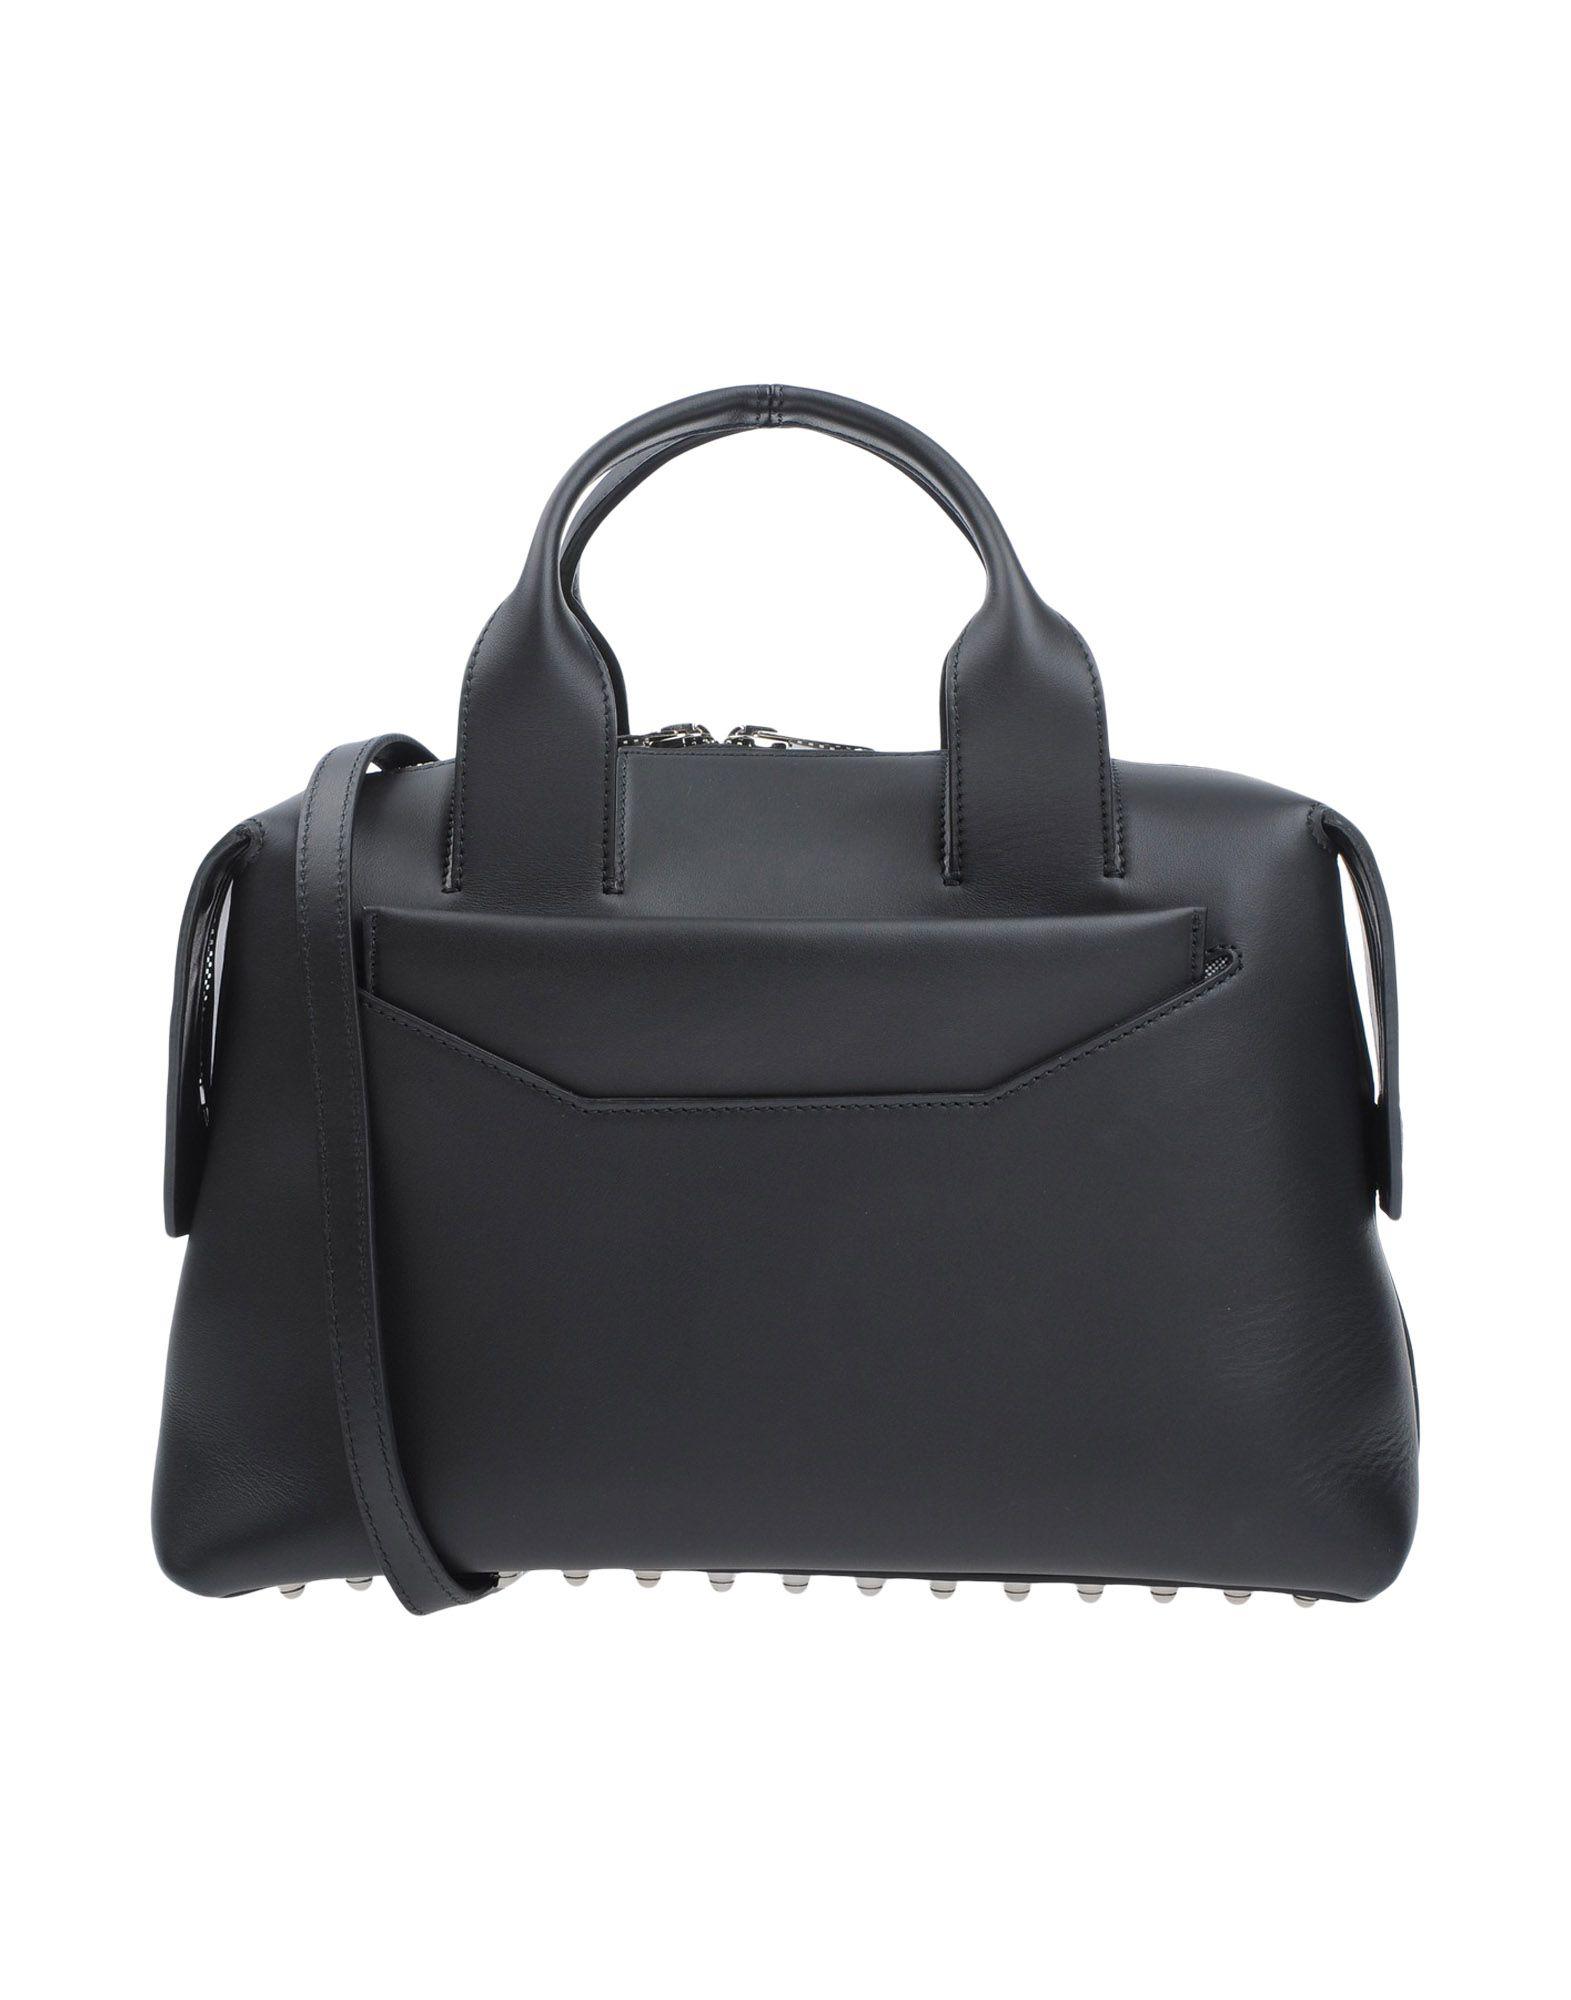 ed8d76019538 Alexander Wang Handbag - Women Alexander Wang Handbags online on ...